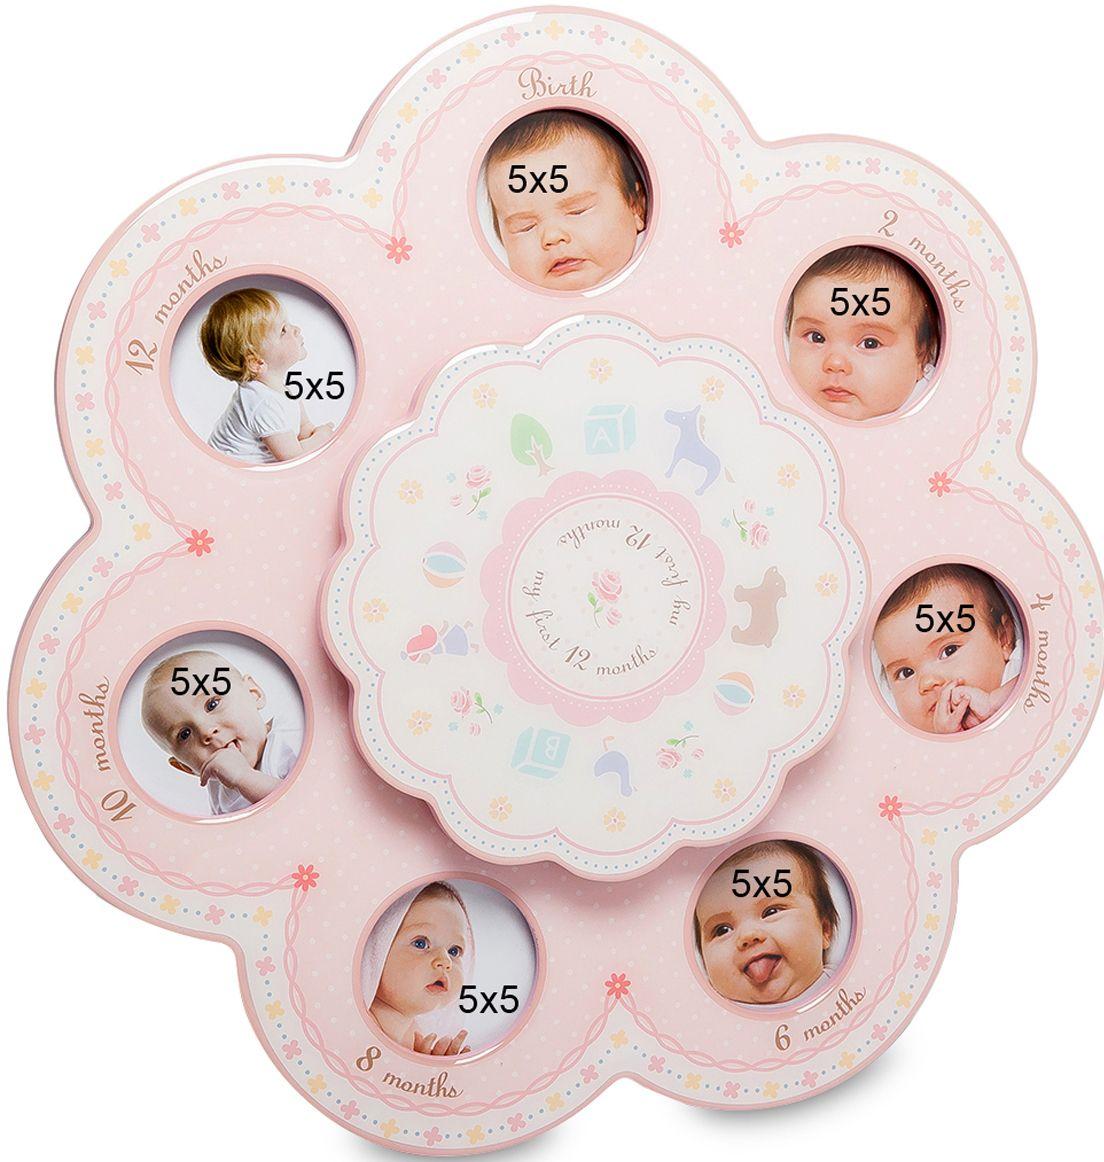 Музыкальная фоторамка Bellezza Casa Первые месяцы, на 7 фото: 5х5. CHK-121CHK-121Музыкальная фоторамка на 7 фото для фотографий 5х5 см.Рождение малыша – это самое прекрасное, что случается в жизни каждой девушки. И, конечно, не хочется забыть, упустить все важные моменты из жизни вашего крохи. Фоторамка Первые месяцы рассчитана на 7 фото. Она в оригинальной форме сможет сохранить первые месяцы из жизненного пути вашего малыша. А оригинальный вид рамки будет привлекать внимание окружающих.